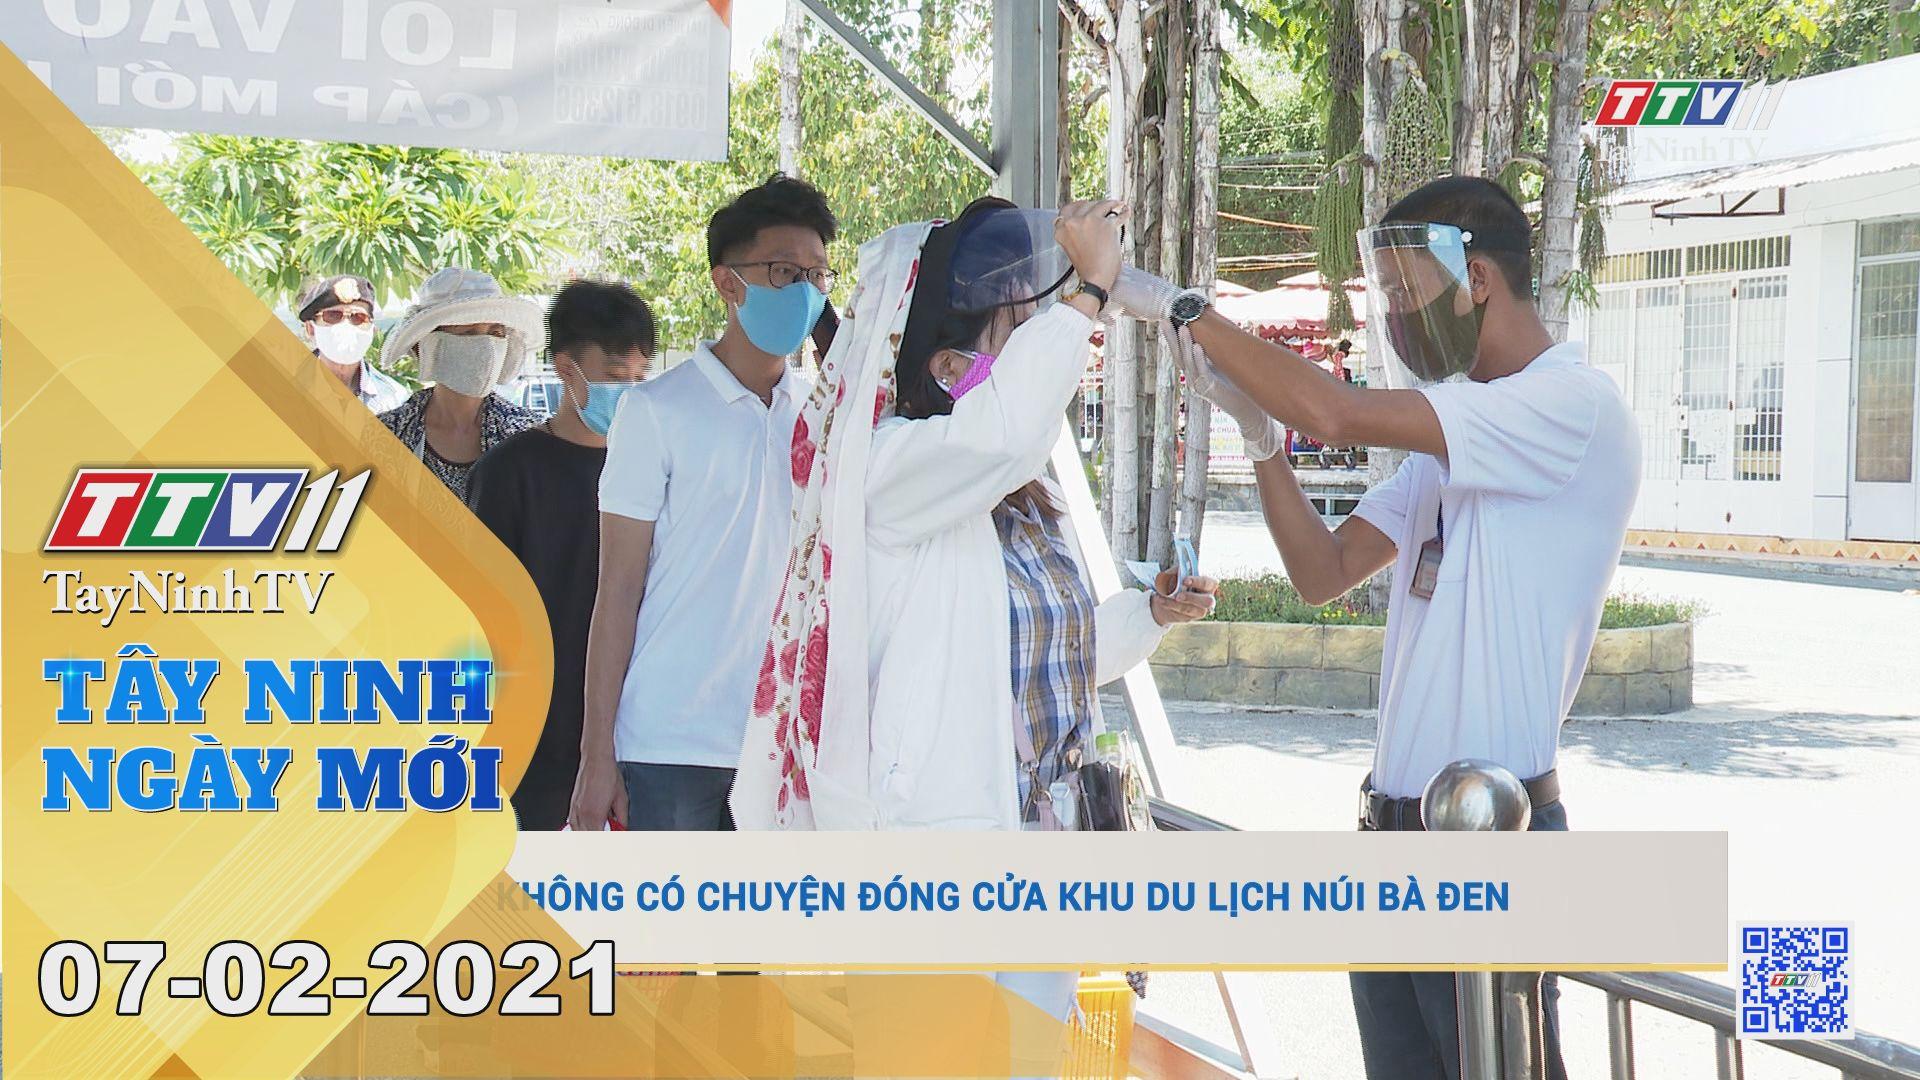 Tây Ninh Ngày Mới 07-02-2021 | Tin tức hôm nay | TayNinhTV